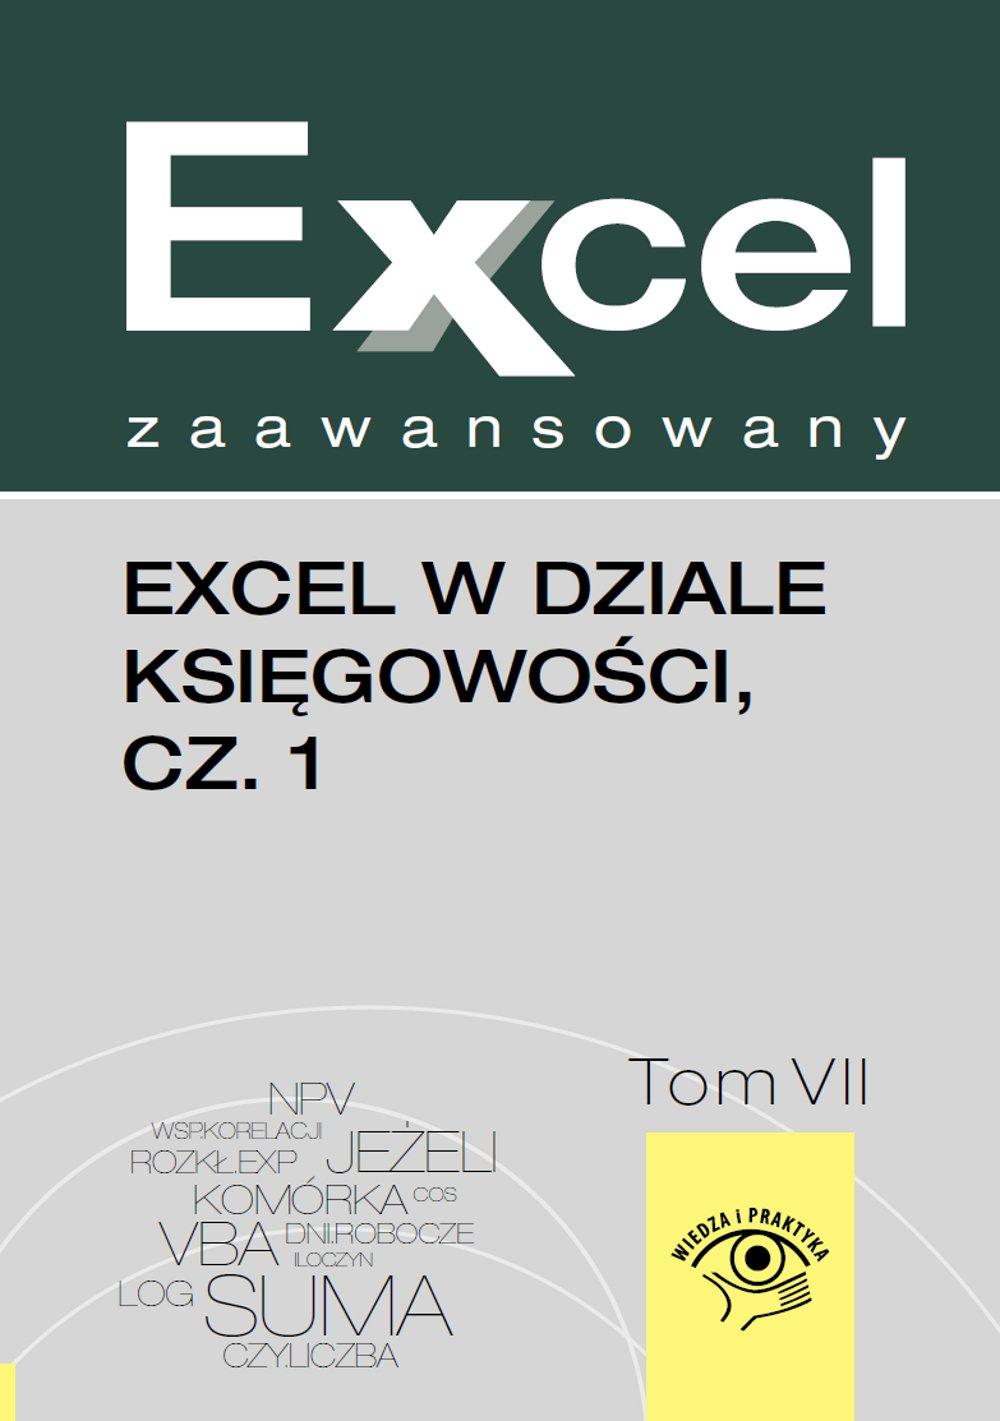 Excel w dziale księgowości. Część 1 - Ebook (Książka EPUB) do pobrania w formacie EPUB